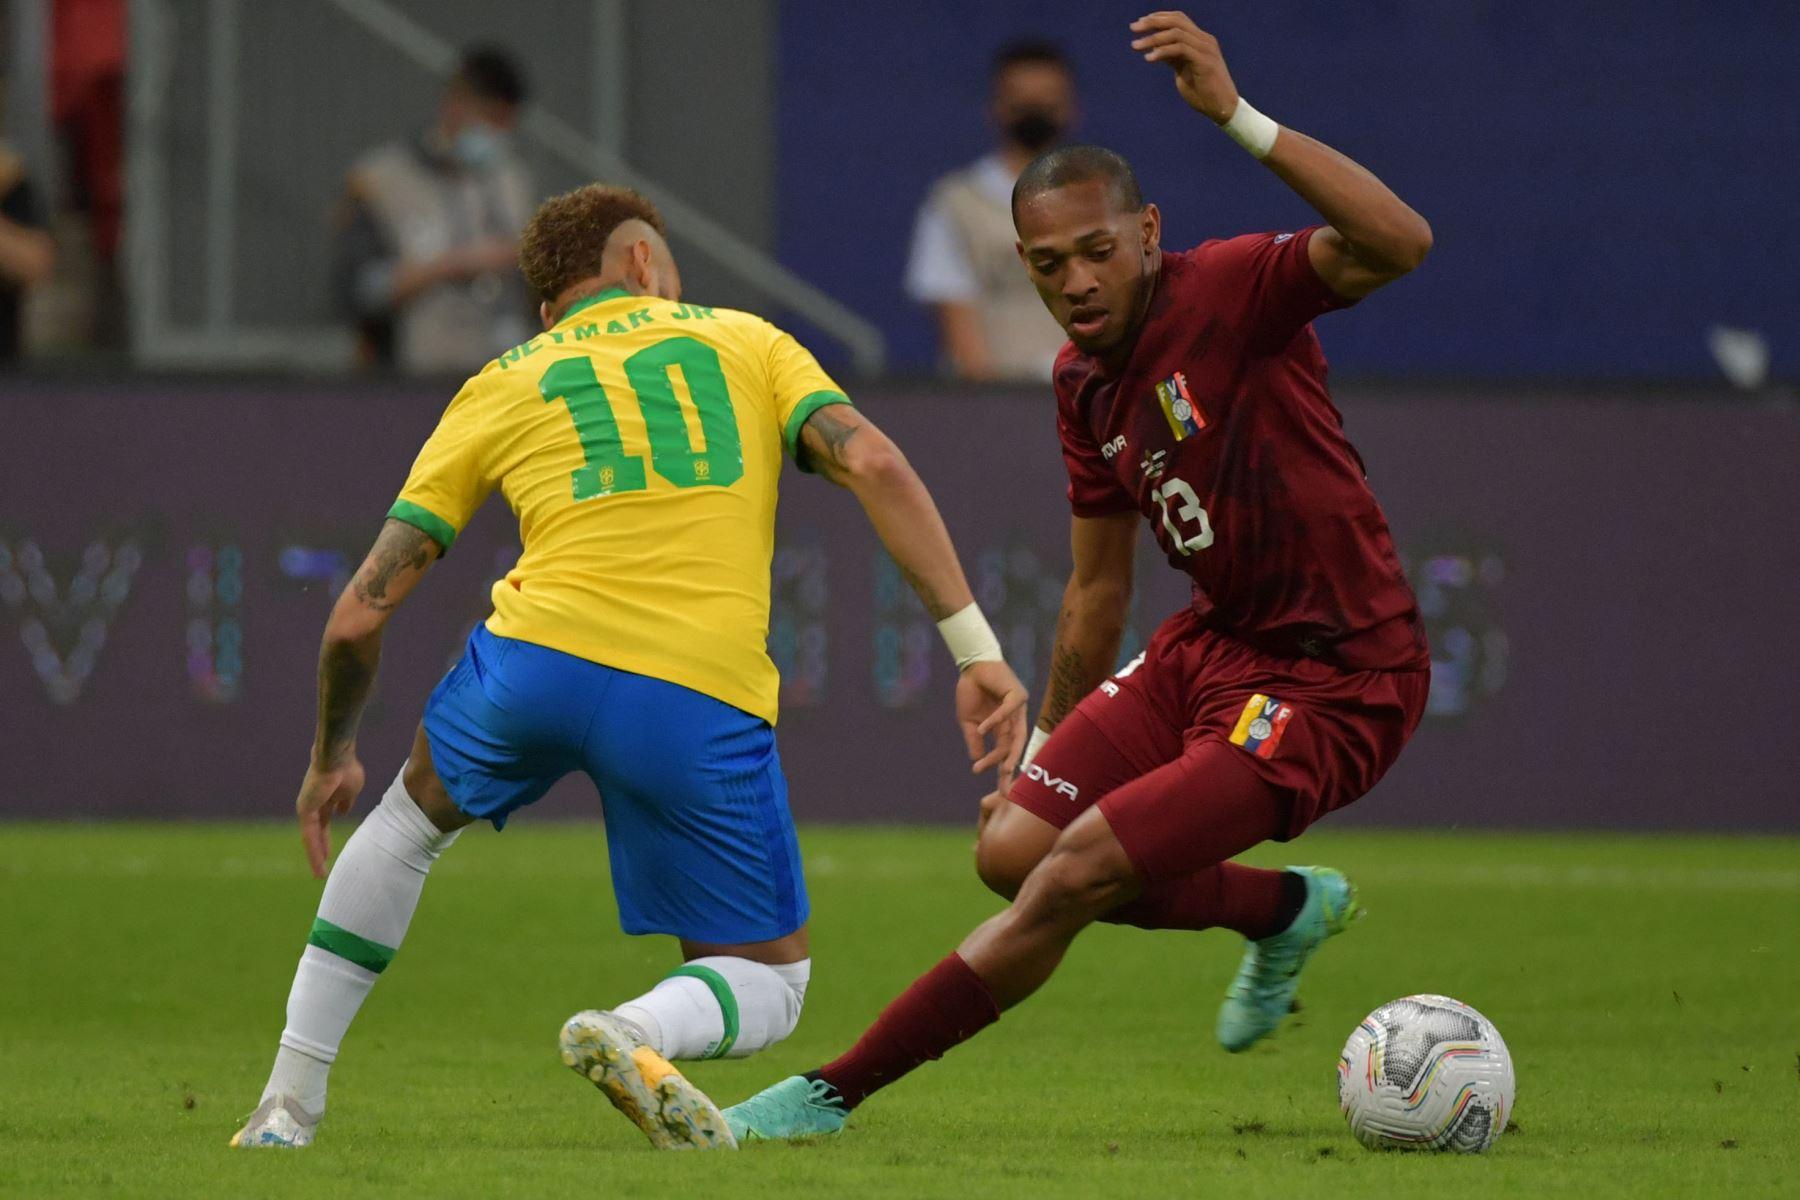 El brasileño Neymar y el venezolano José Martínez compiten por el balón durante el partido de la fase de grupos del torneo de fútbol Conmebol Copa América 2021 en el estadio Mane Garrincha de Brasilia .Foto: AFP